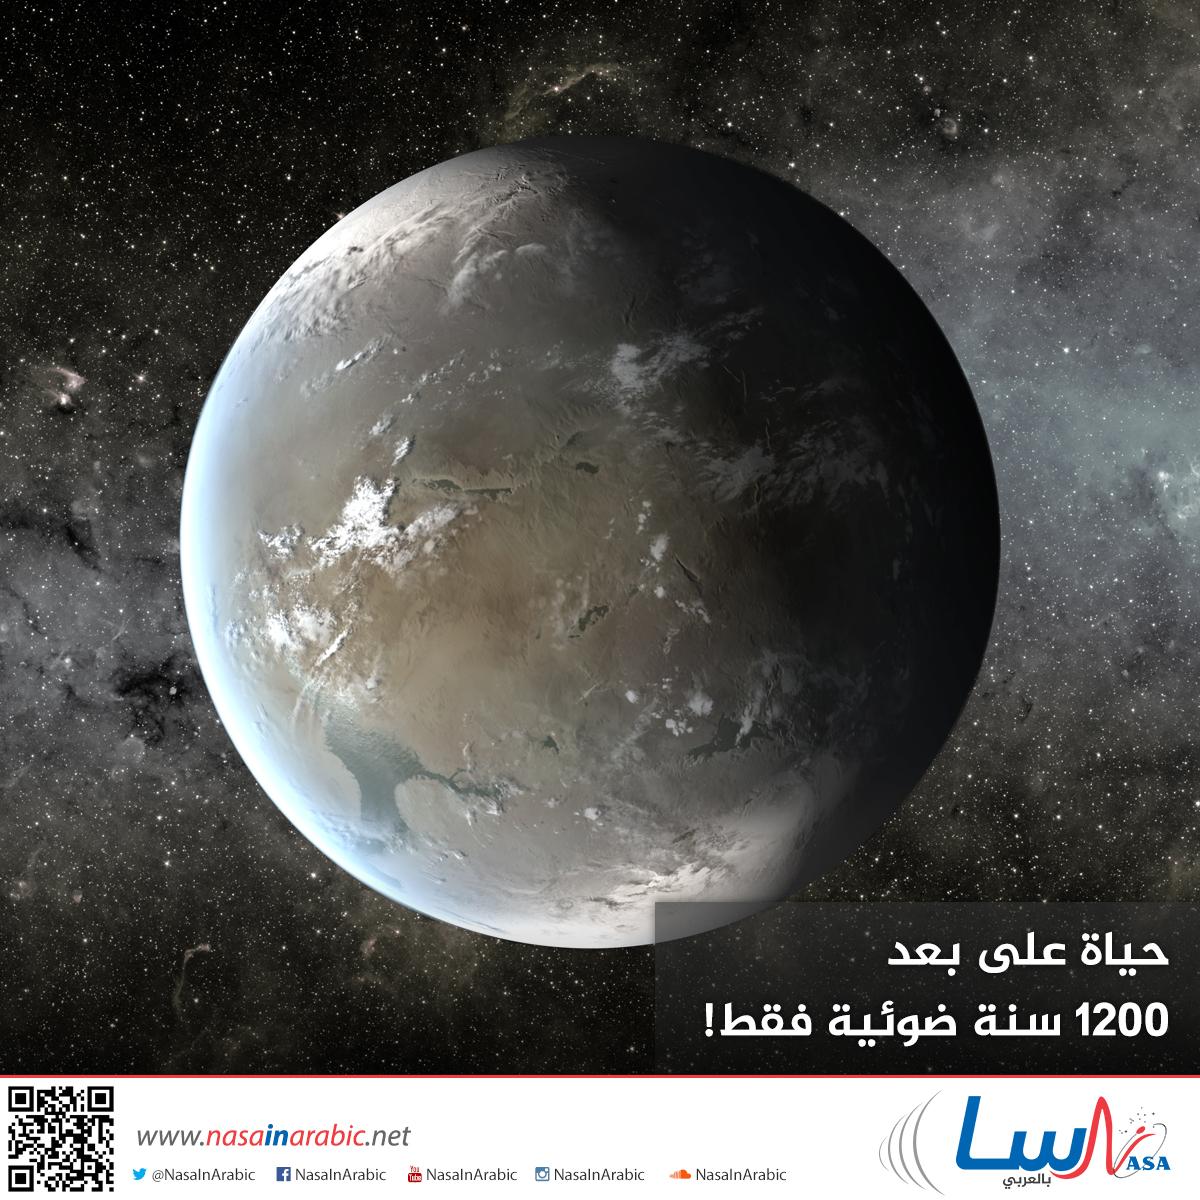 حياة على بعد 1200 سنة ضوئية فقط!